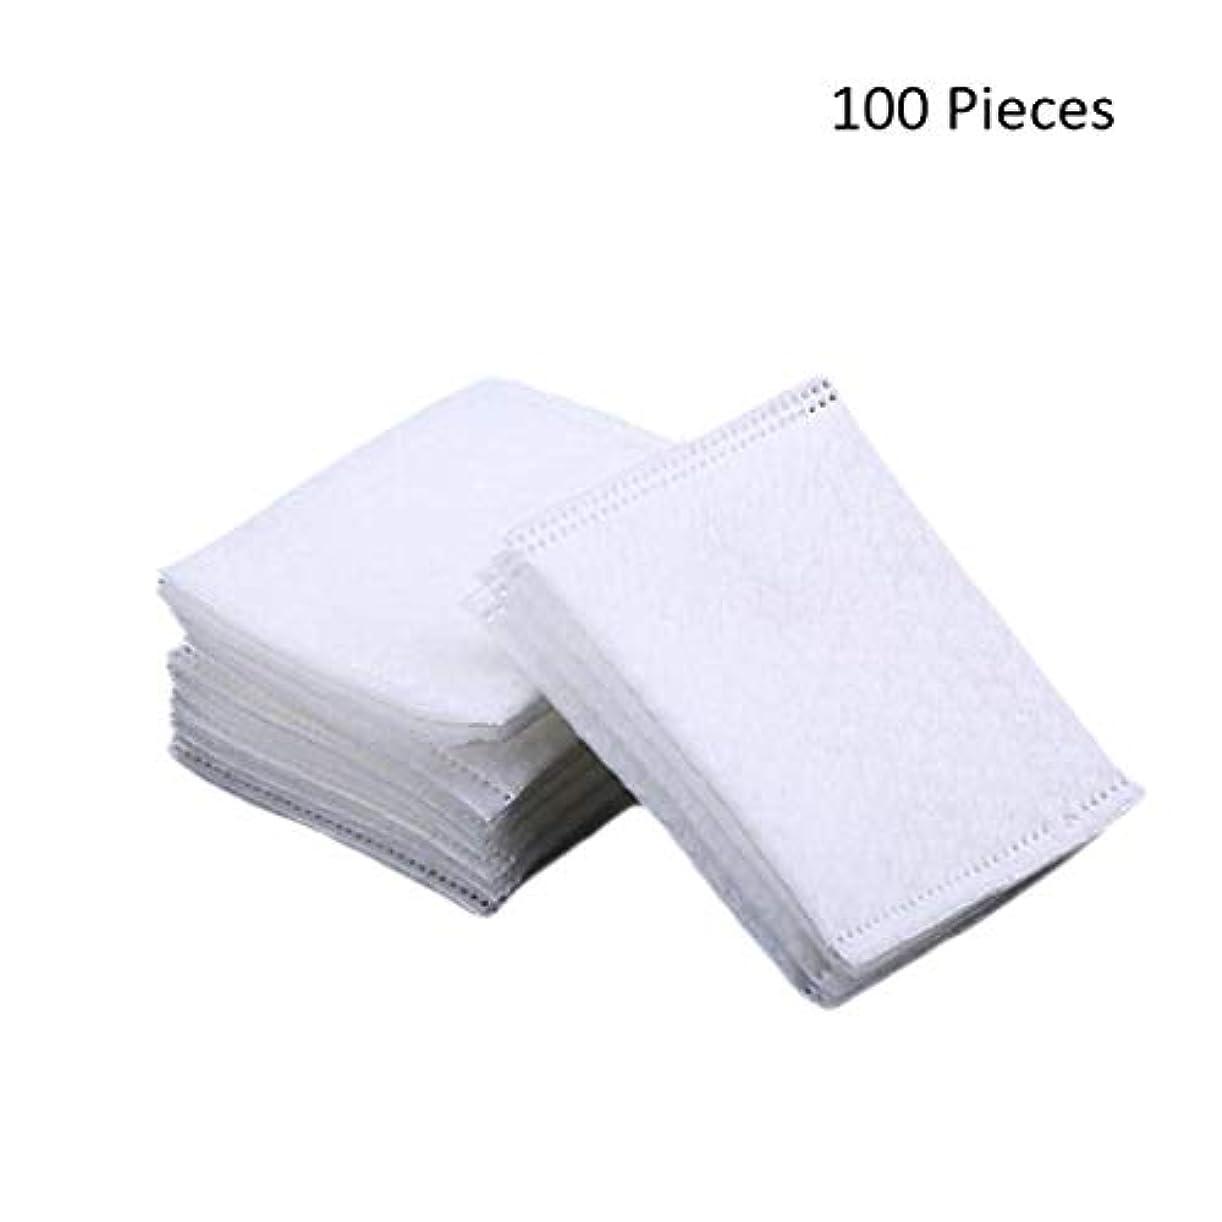 トレイル化学戻す50/100/220ピースダブルサイドフェイスメイクアップリムーバーコットンパッド密封旅行削除コットンパッドスキン化粧品メイクアップツール (Color : White, サイズ : 100 Pieces)